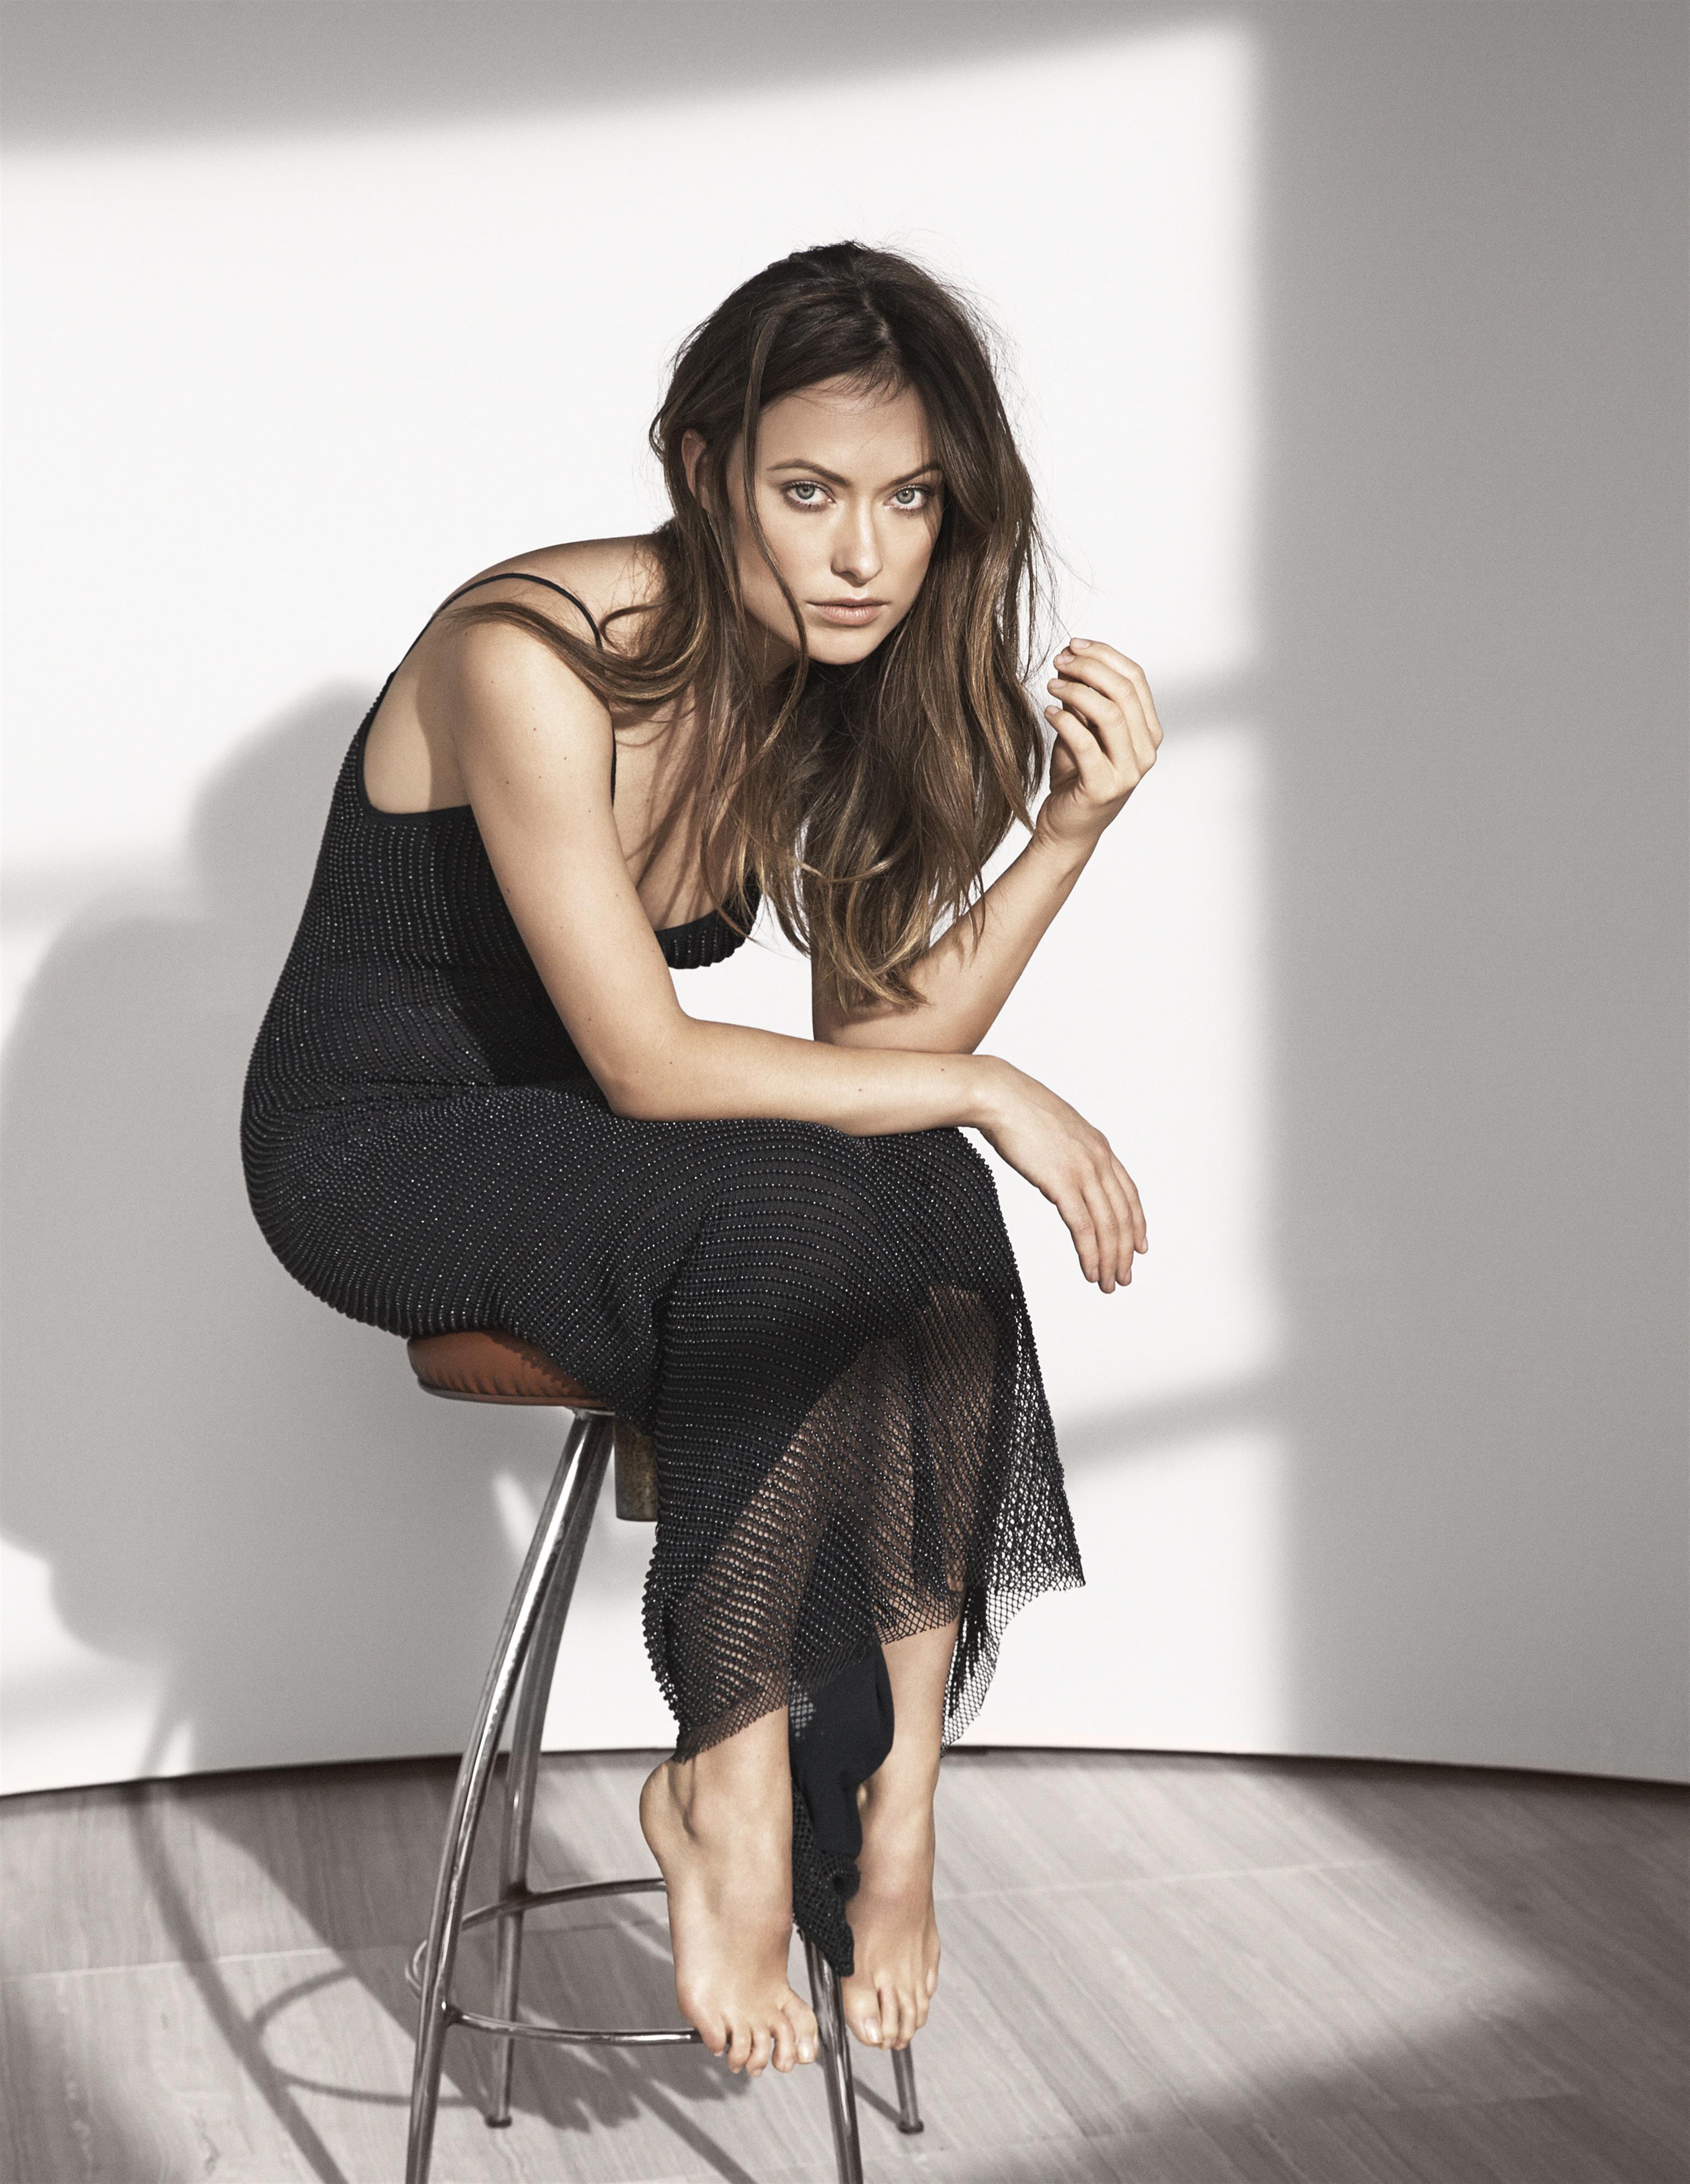 Olivia Wilde mặc đầm đen chụp ảnh cho bst kết hợp H&M và Conscious Commerce